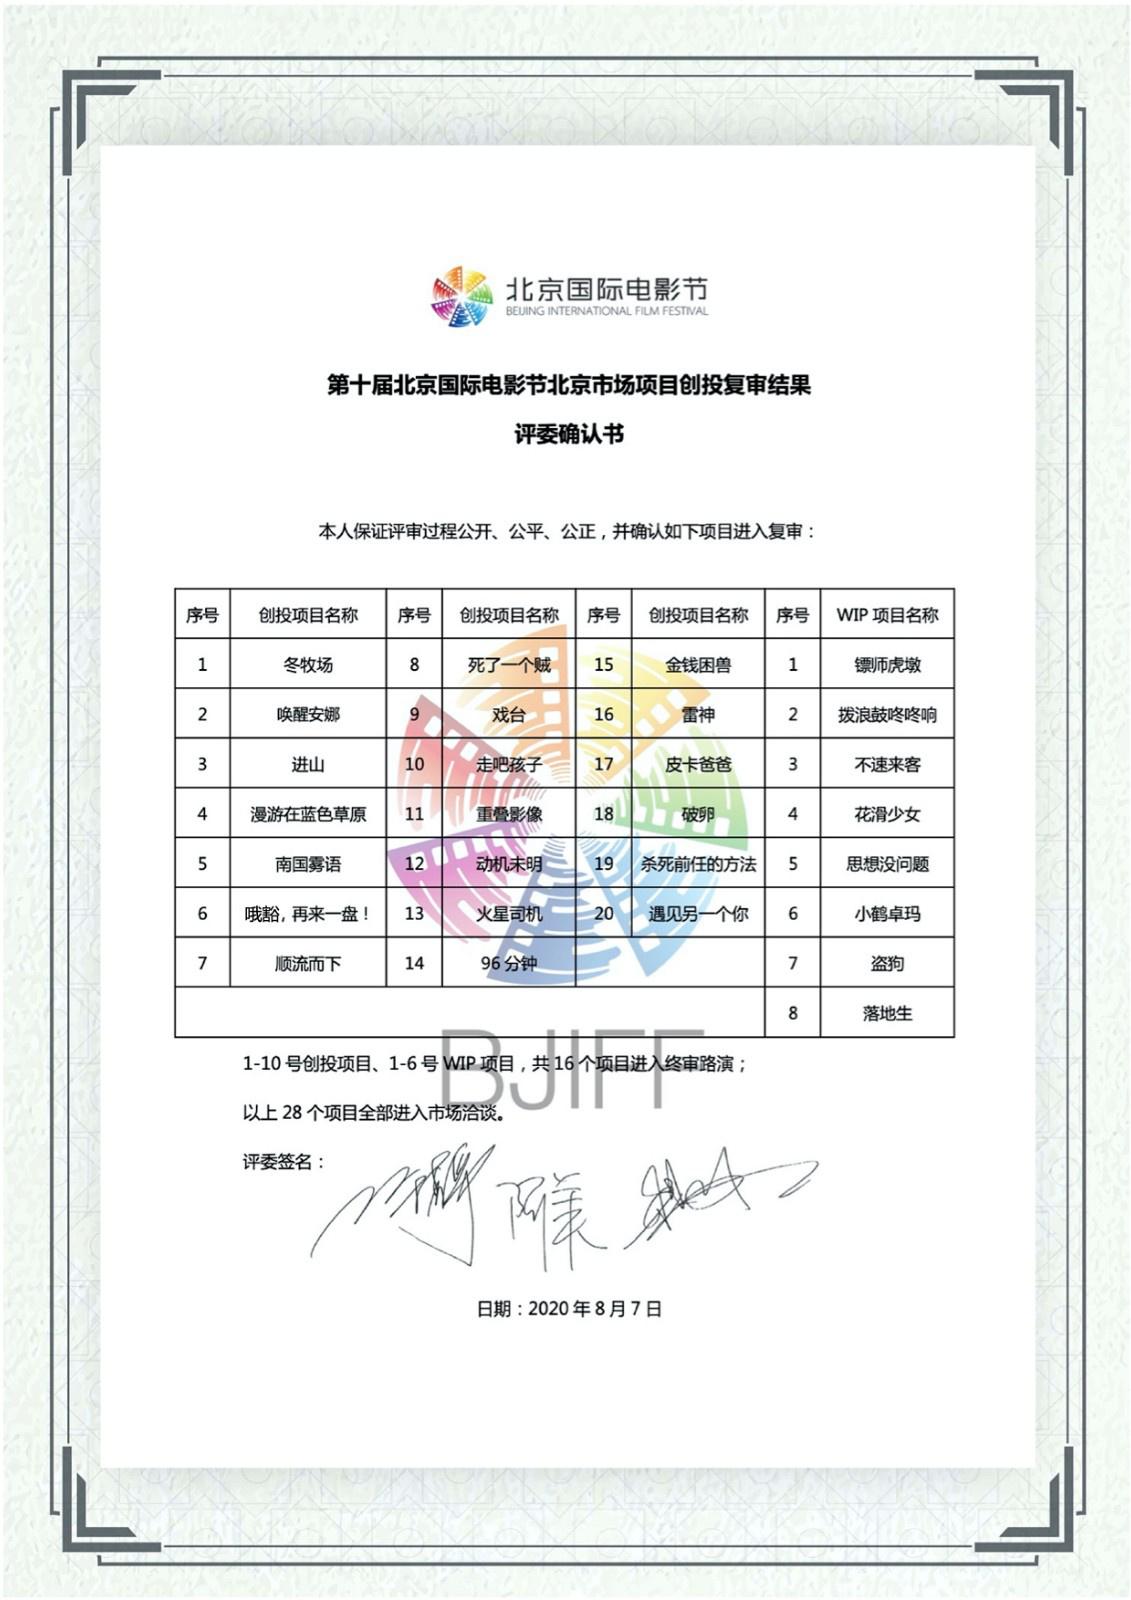 第十届北京国际电影节公布项目创投终审入围名单